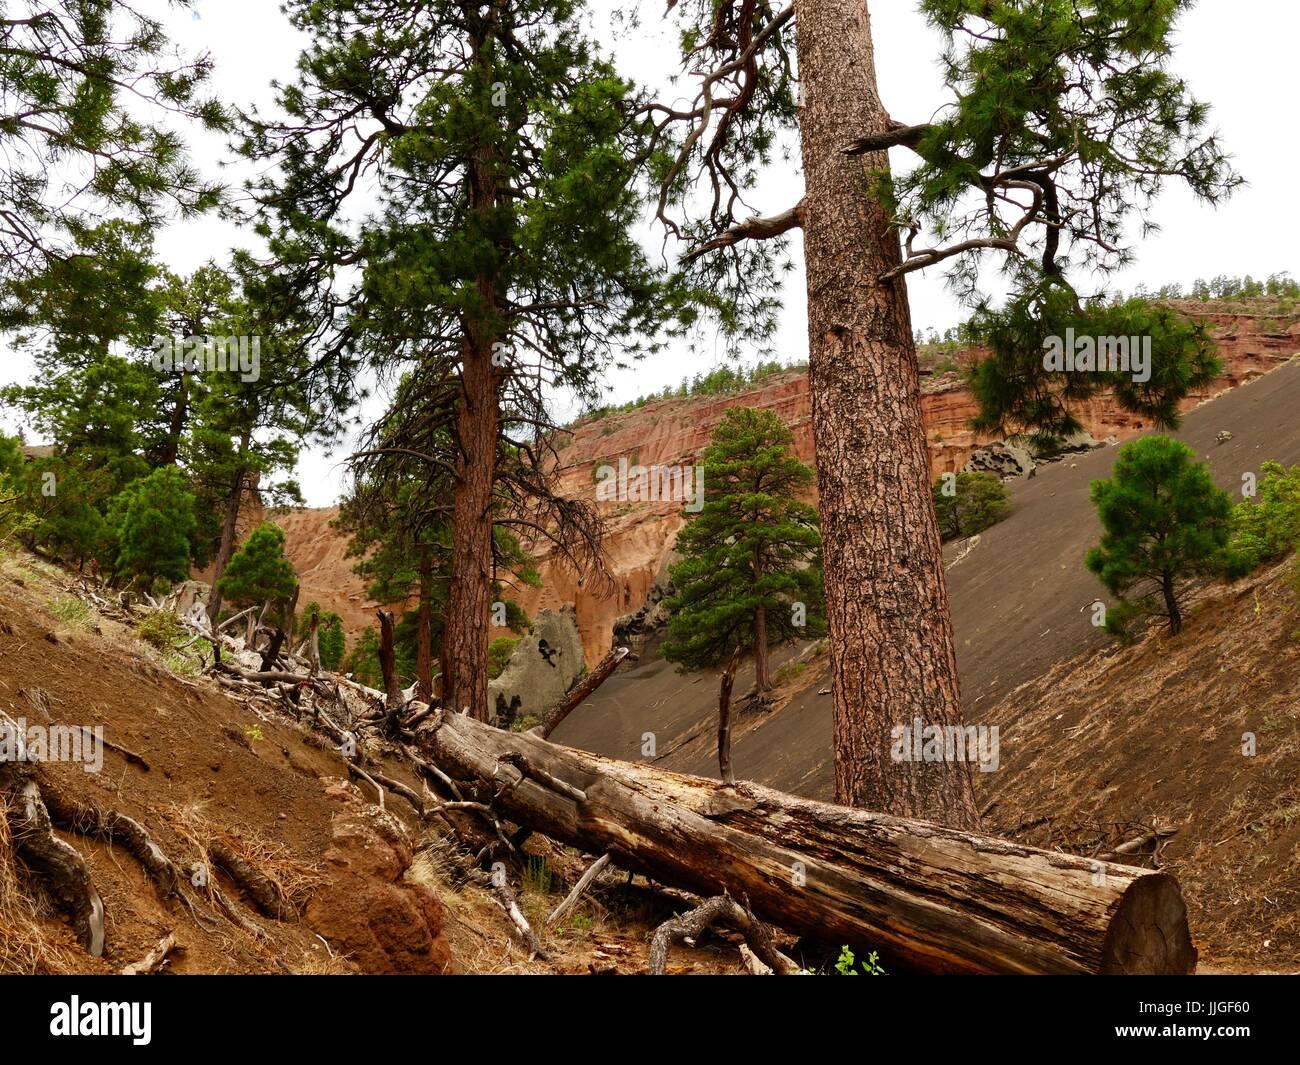 Un muerto de pino Ponderosa se encuentra cruzando un camino en la zona de Montaña Roja en el Condado de Coconino National Forest, Flagstaff, Arizona, EE.UU. Foto de stock